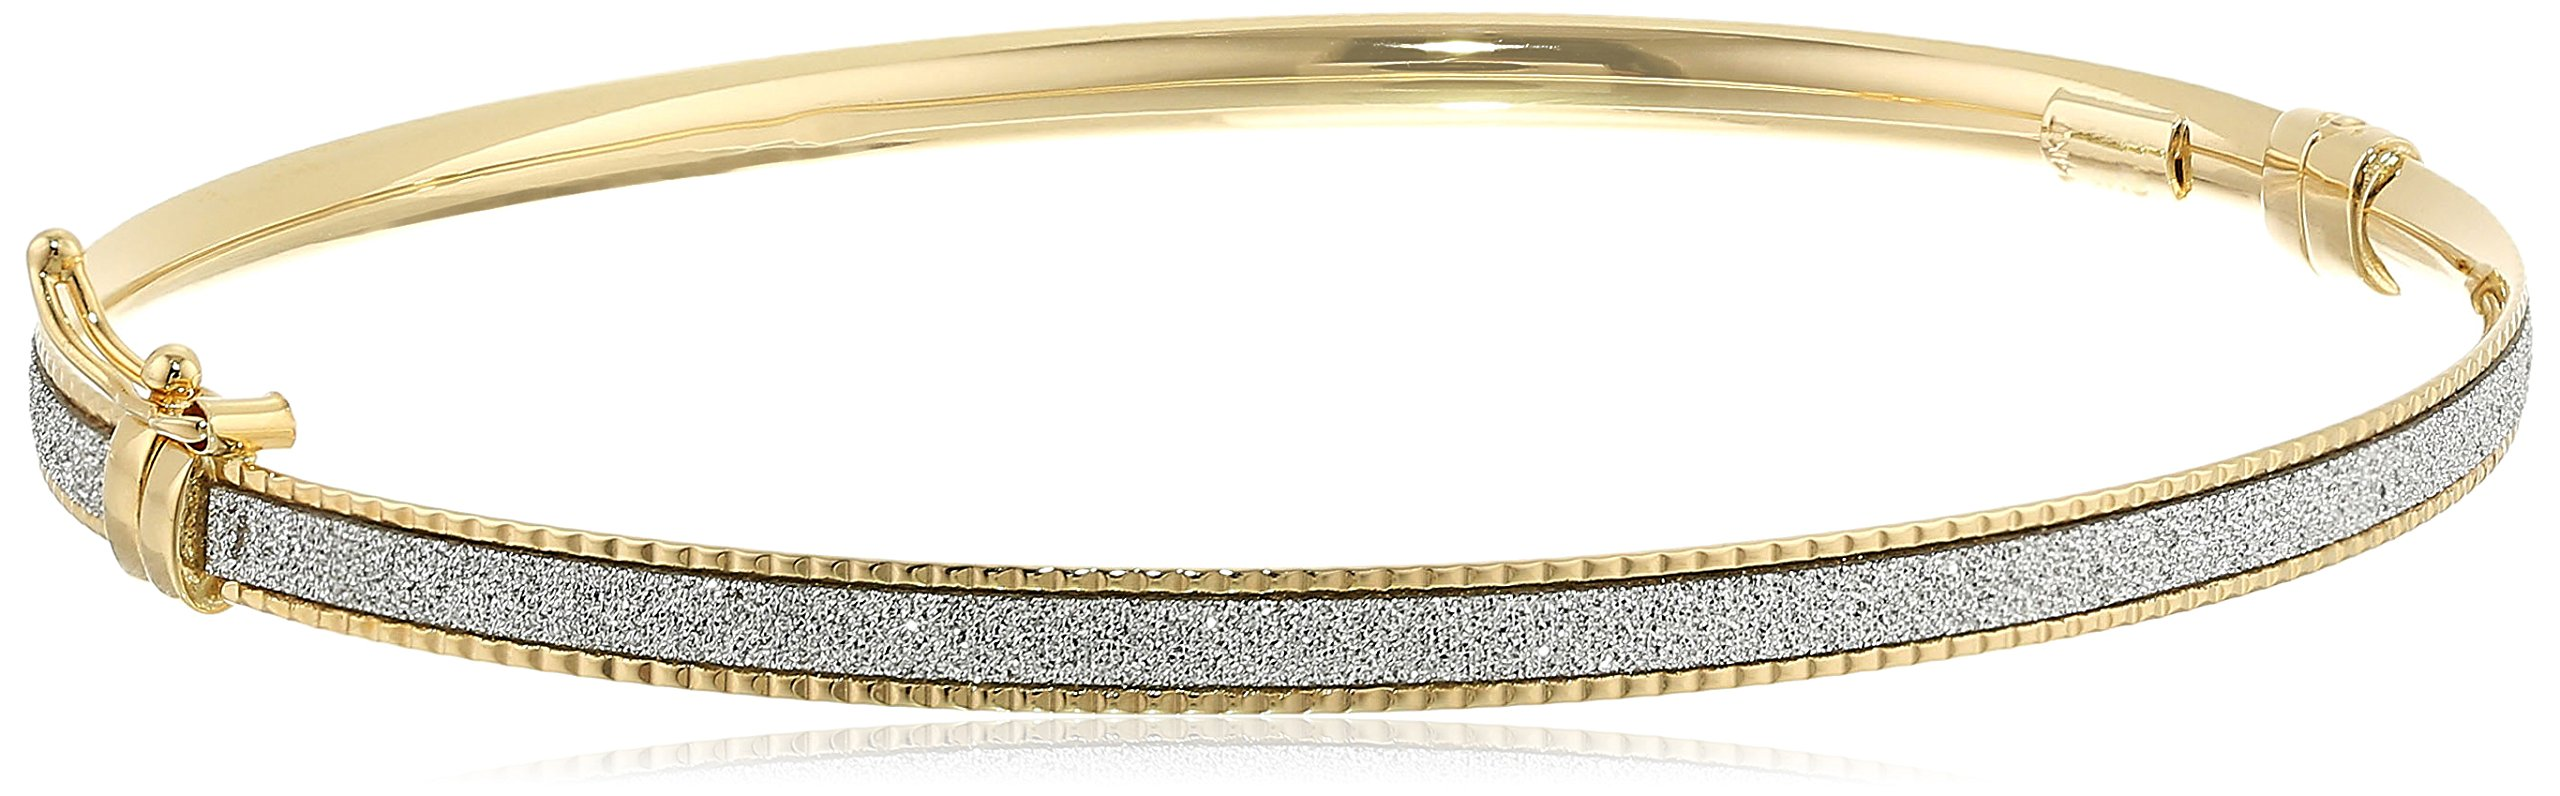 14k Italian Yellow Gold Glitter Bangle Bracelet